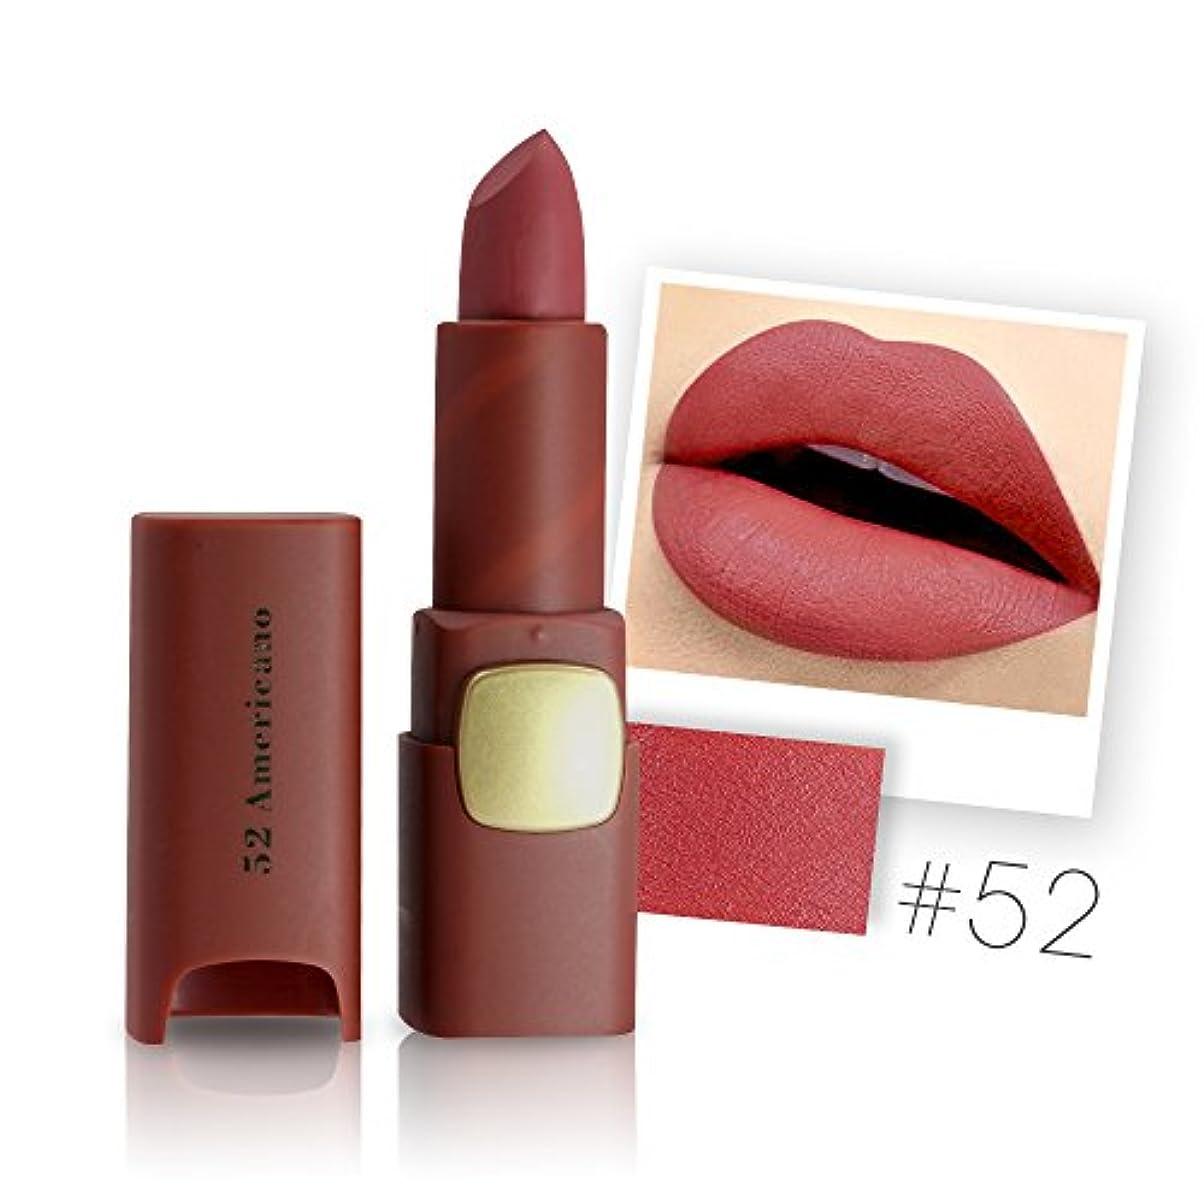 リテラシー圧縮された悪性腫瘍Miss Rose Brand Matte Lipstick Waterproof Lips Moisturizing Easy To Wear Makeup Lip Sticks Gloss Lipsticks Cosmetic